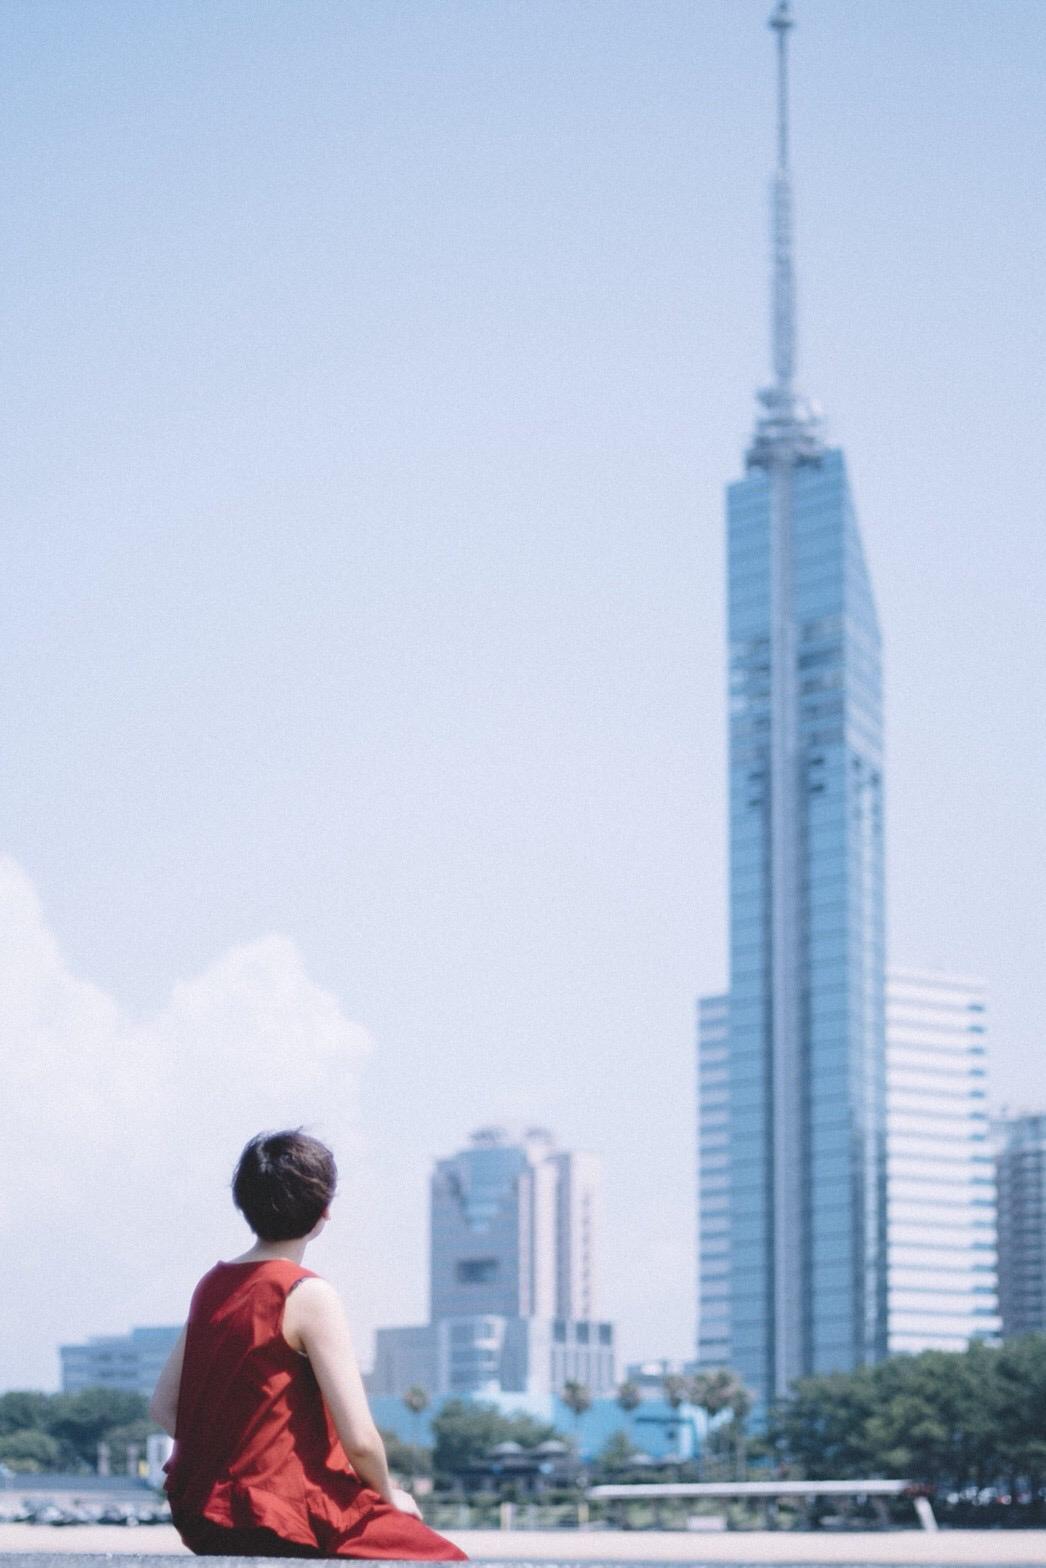 福岡タワー(2018)の画像